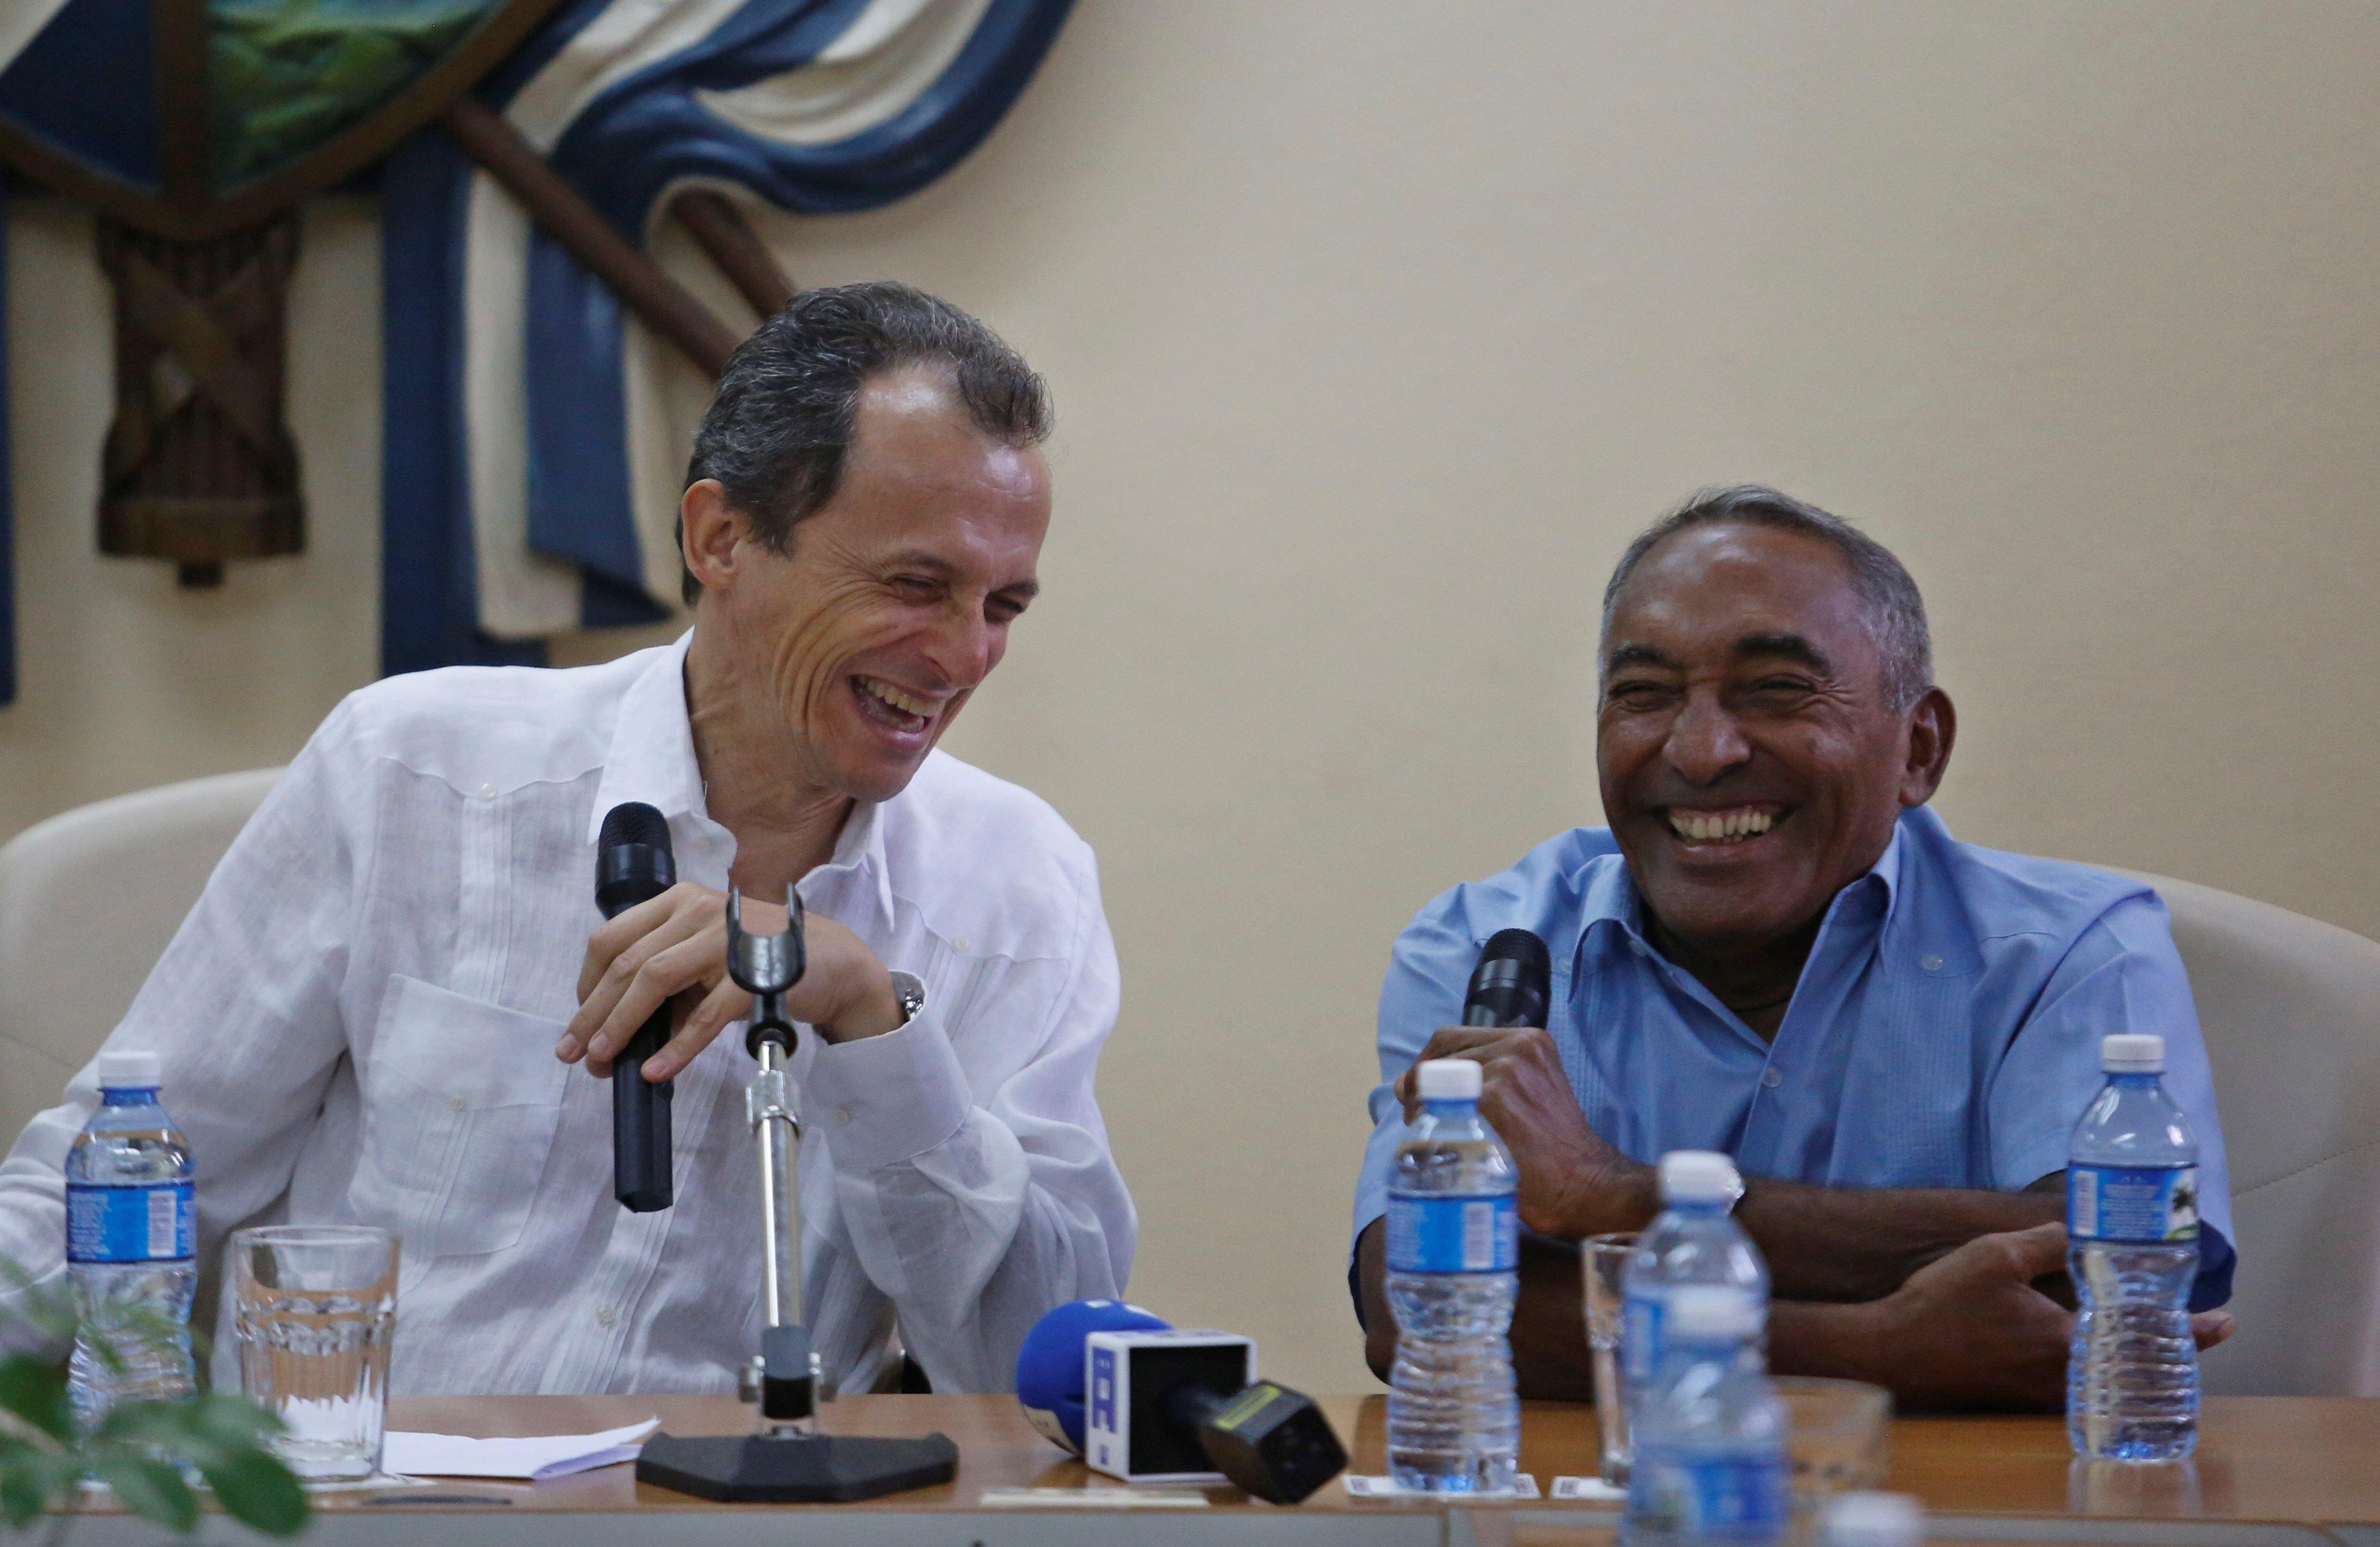 El ministro de Ciencia, Innovación y Universidades en funciones de España, Pedro Duque (i), conversa el comandante cubano Arnaldo Tamayo (d), piloto de guerra, cosmonauta y héroe de la República de Cuba, en la Universidad de La Habana, en la capital cubana. Foto: Yander Zamora/POOL/EFE.